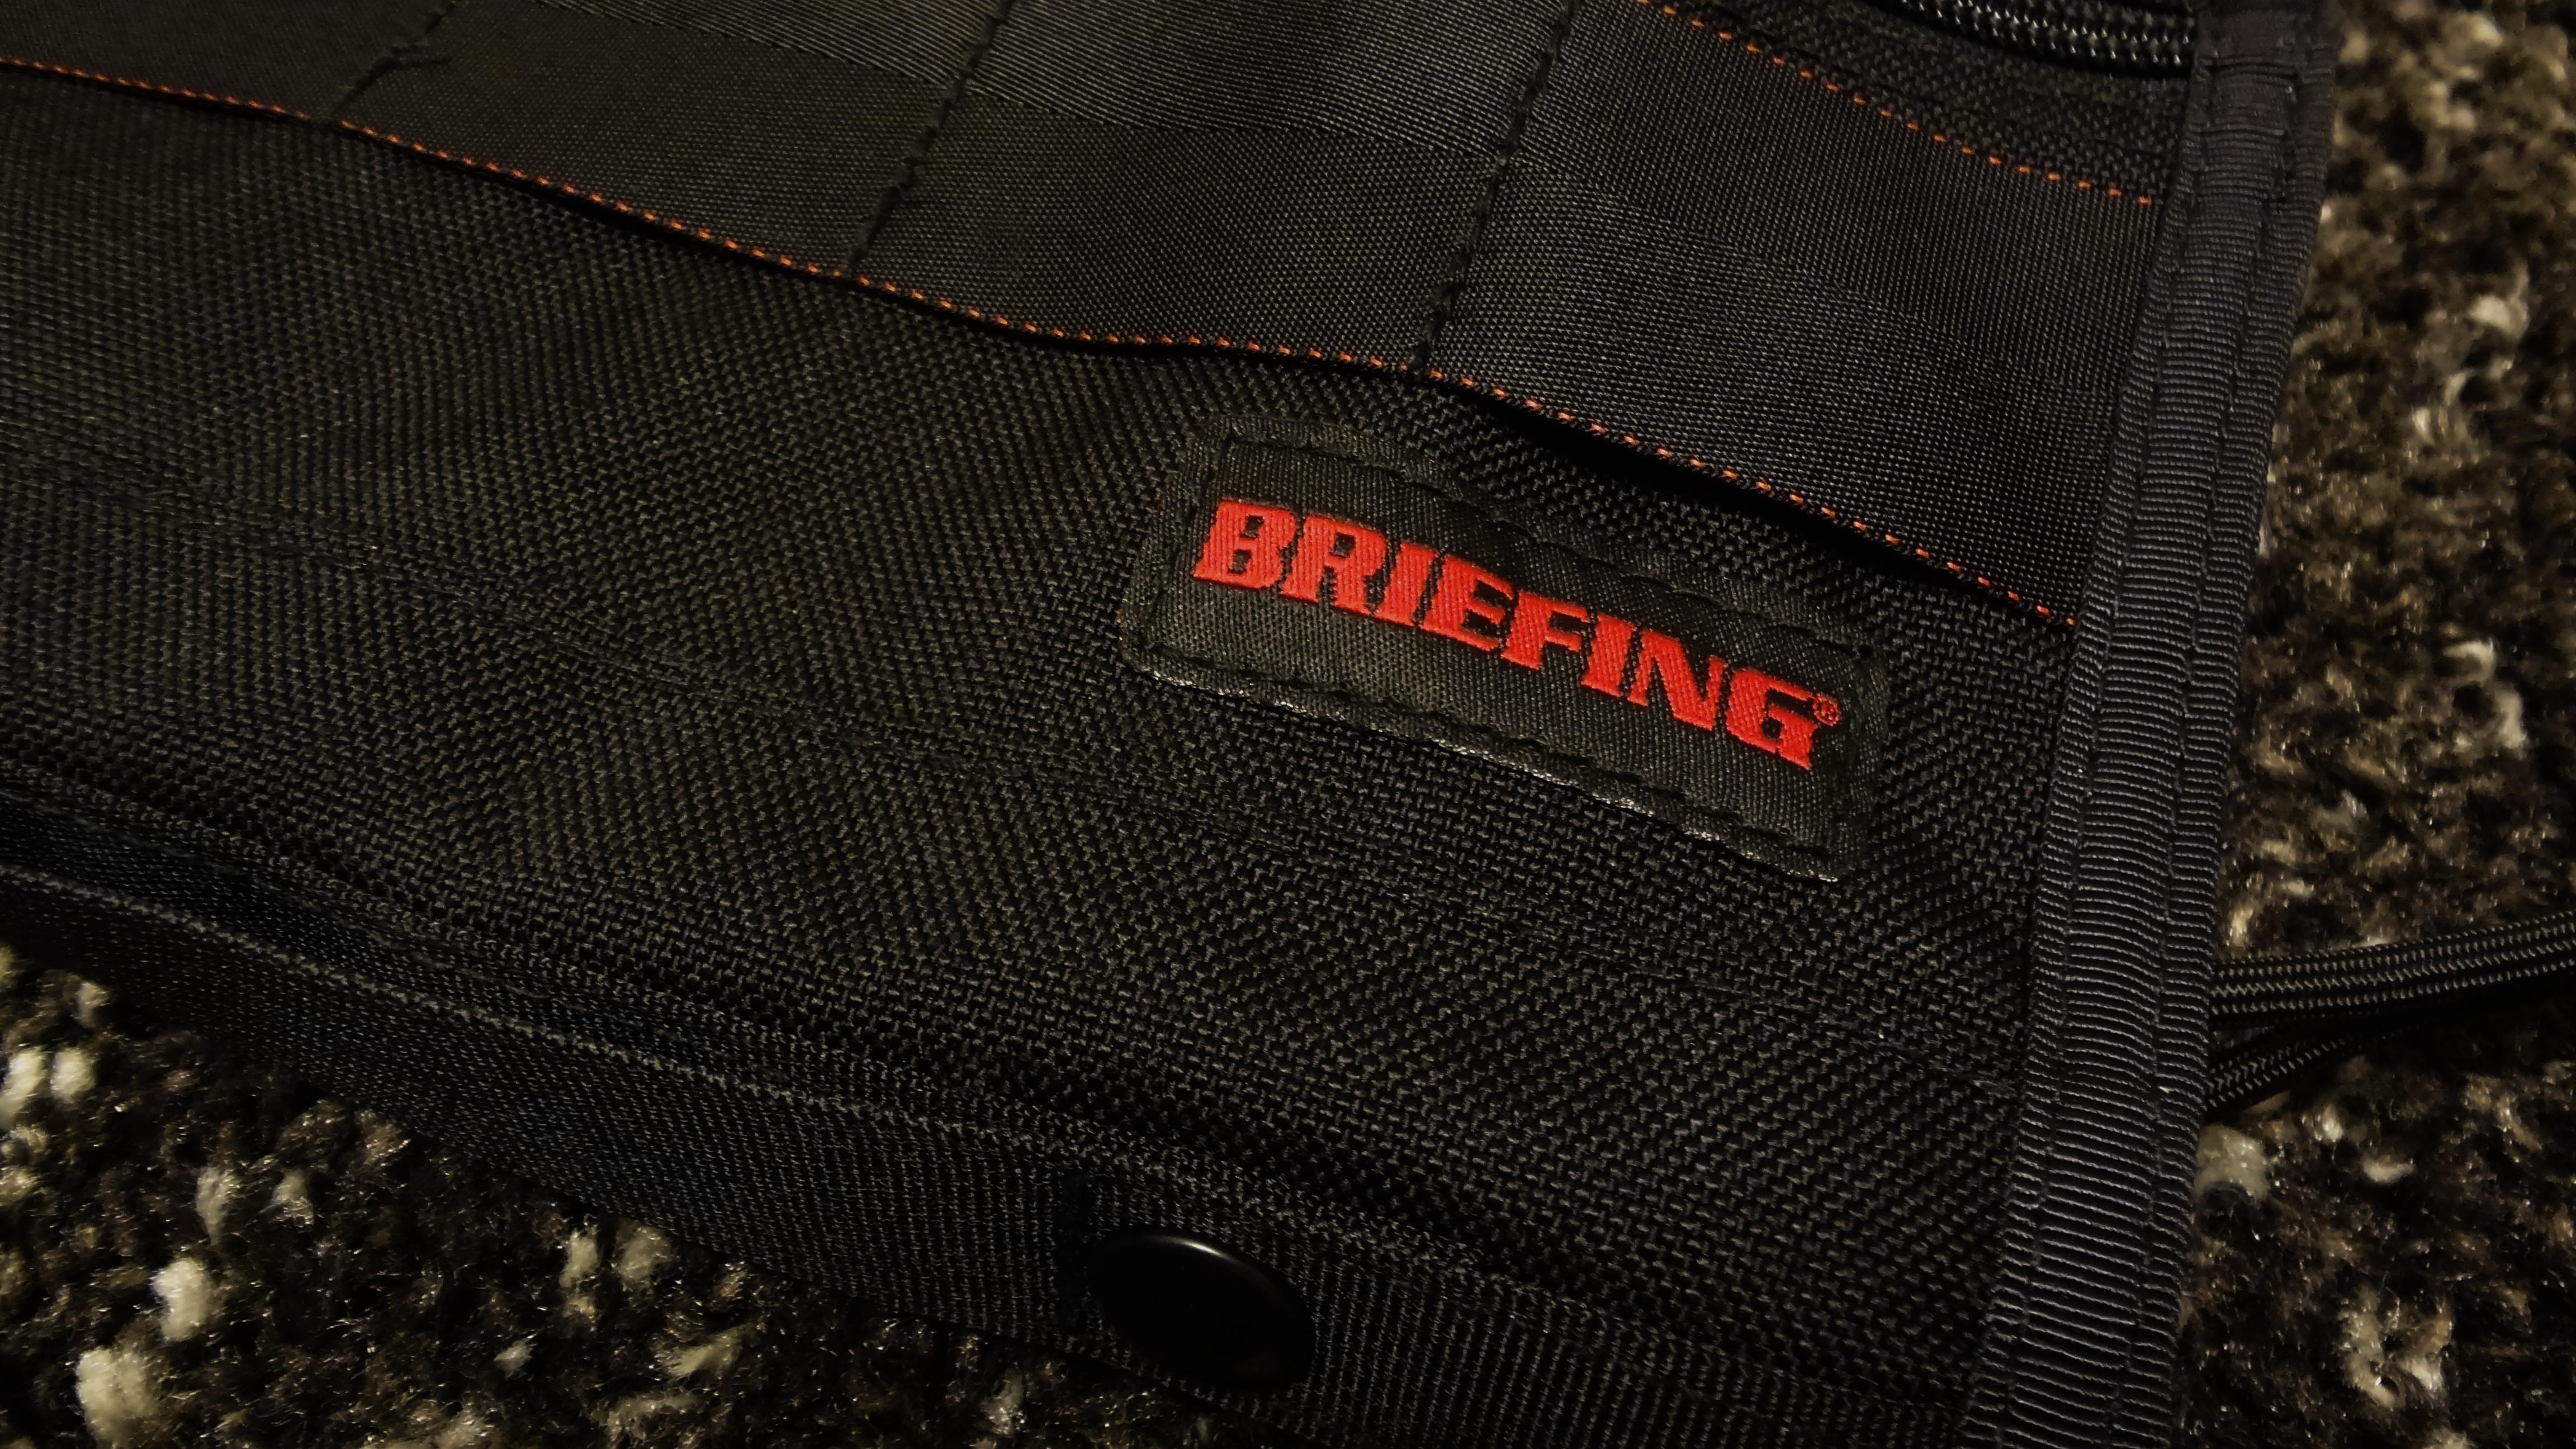 ブリーフィング特集!!おすすめのバッグをランキングで紹介!耐久性抜群の人気ブランド。